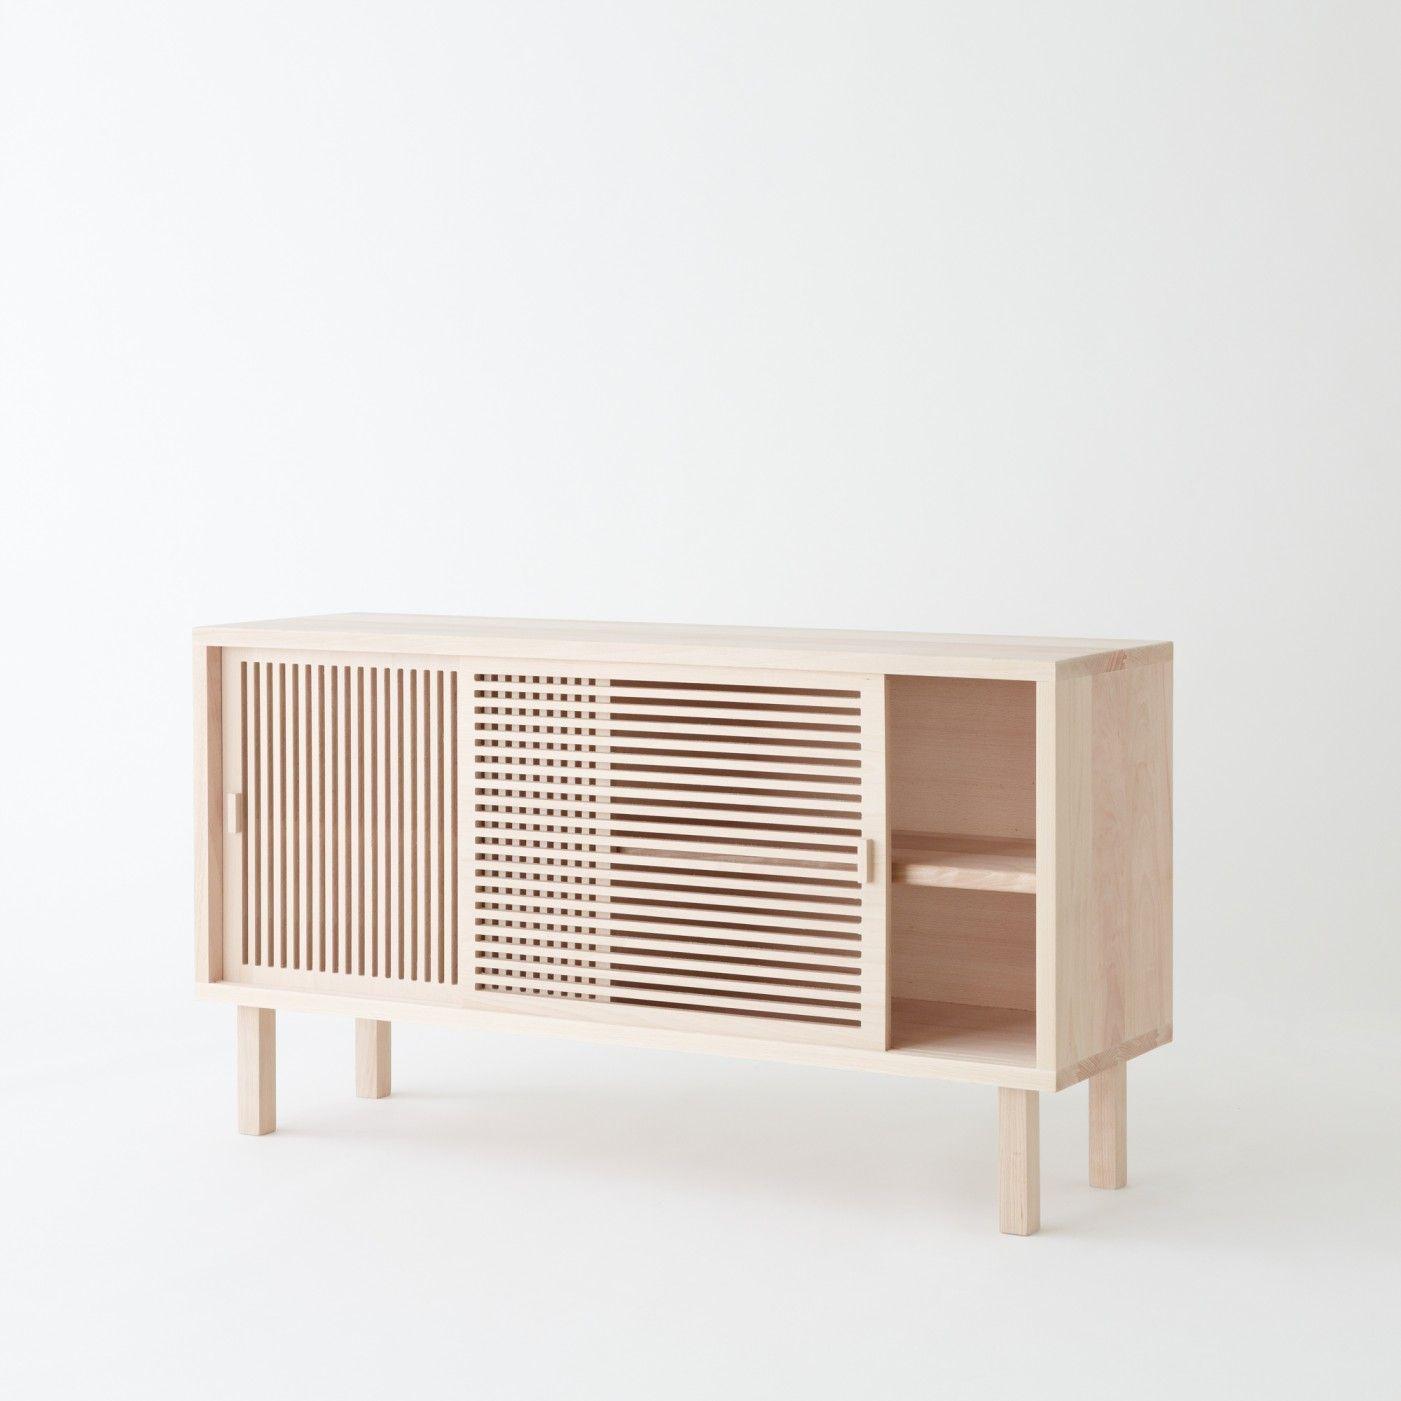 Leibal Kyoto Colonel 3 Avec Images Mobilier De Salon Mobilier Design Meubles De Rangement